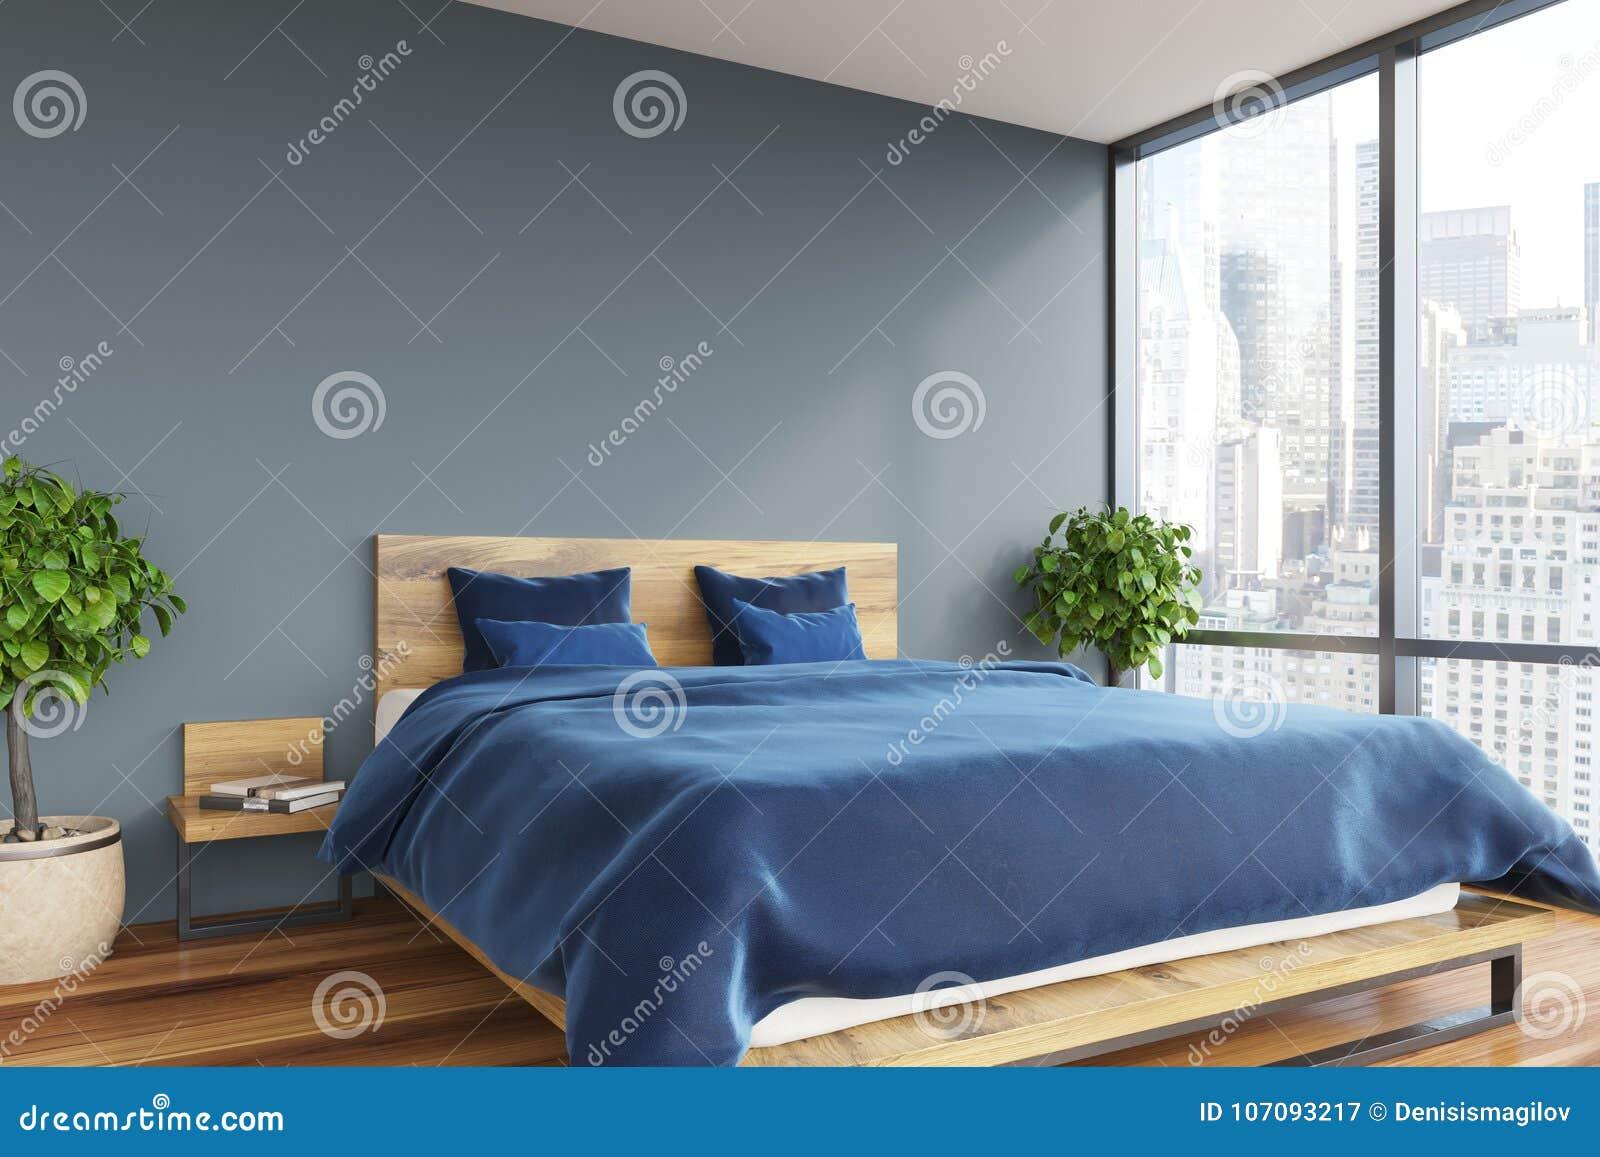 Graues Schlafzimmer, Blaues Bett Stock Abbildung - Illustration von ...